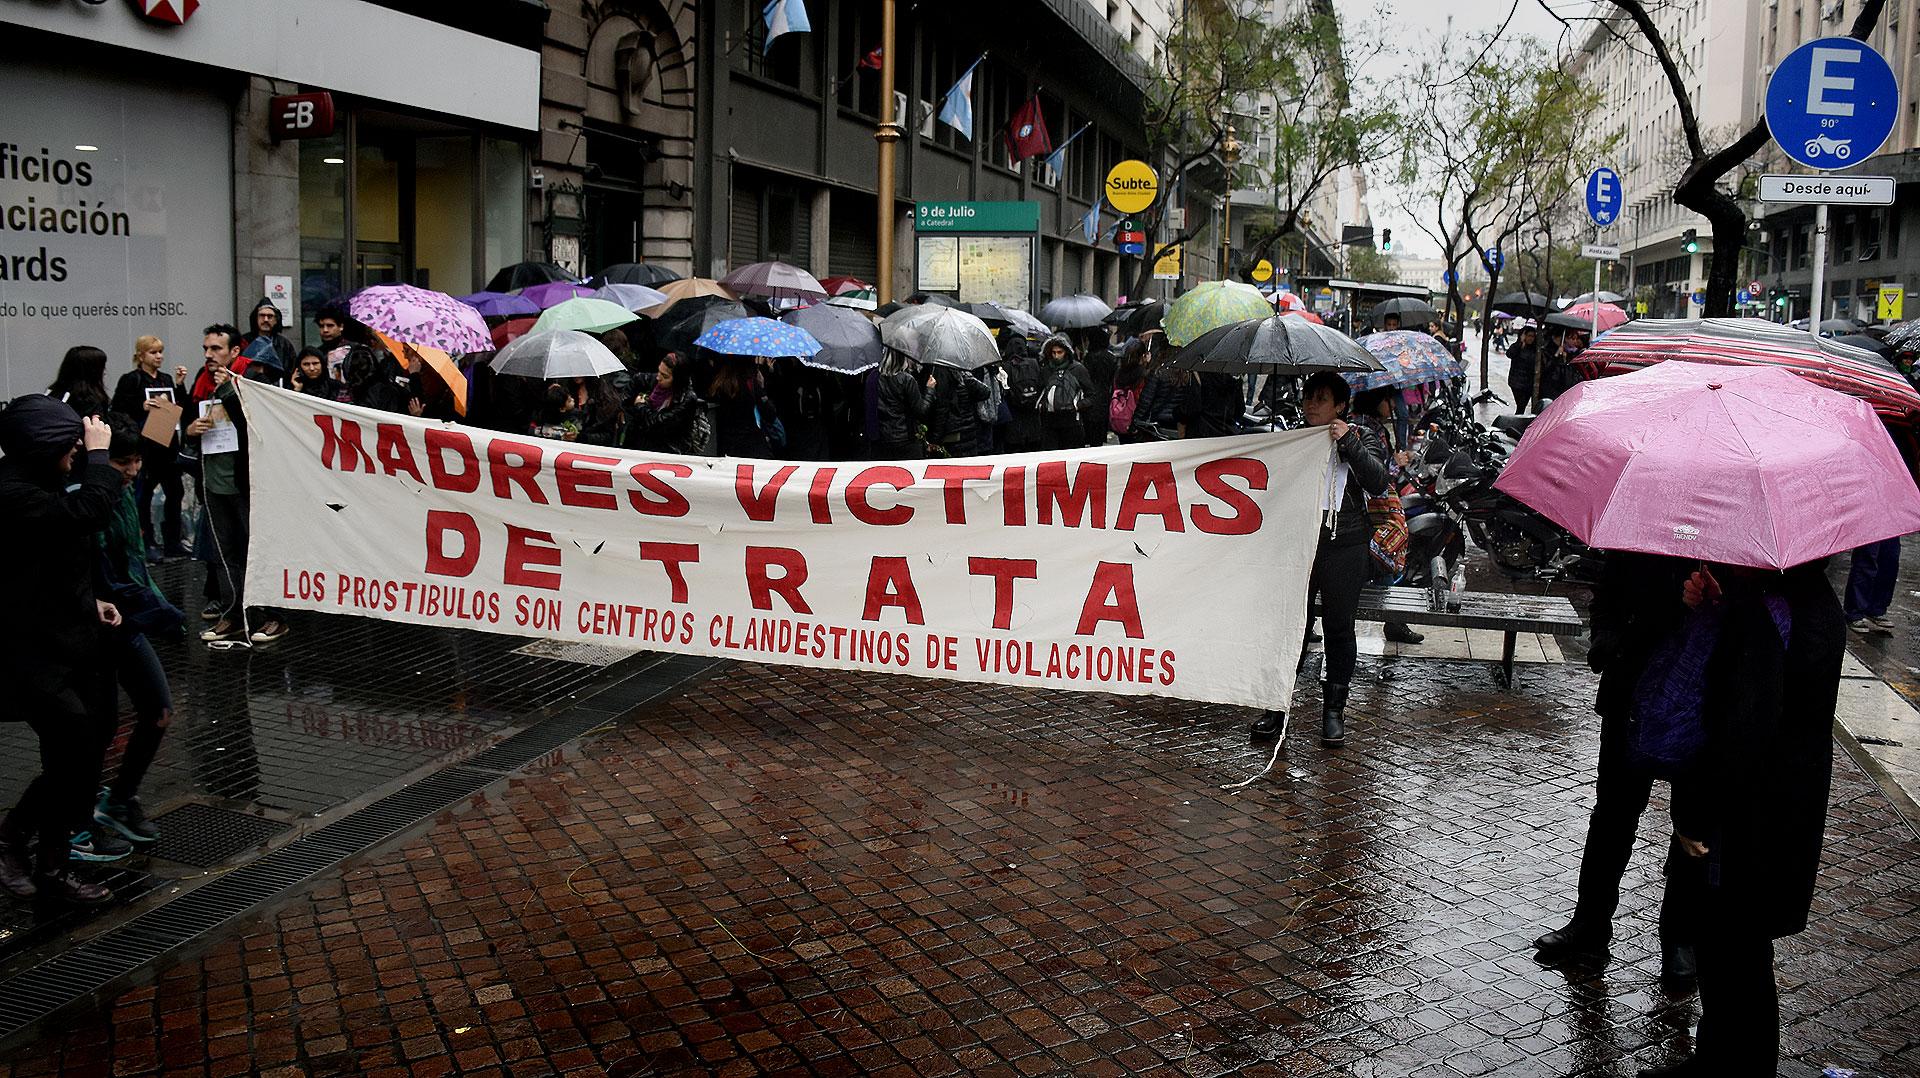 """""""Cuando los problemas se suceden, no es un problema de las víctimas, sino de la sociedad en su conjunto"""" (Claudio Avruj, secretario de Derechos Humanos)"""